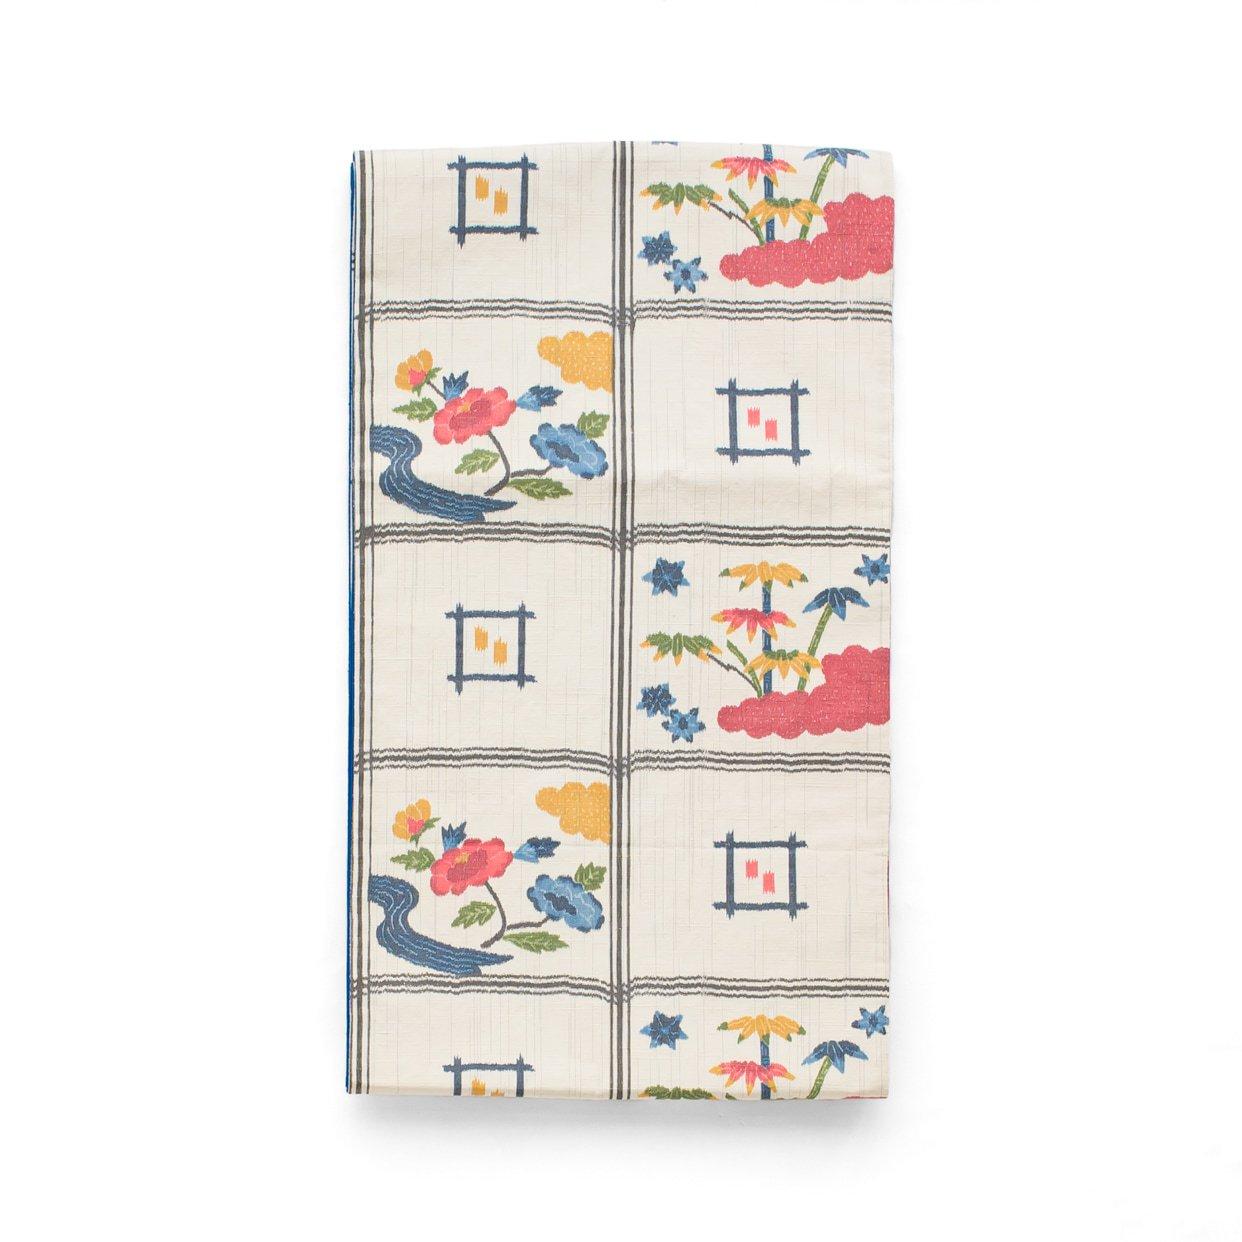 「洒落袋帯●牡丹と笹」の商品画像